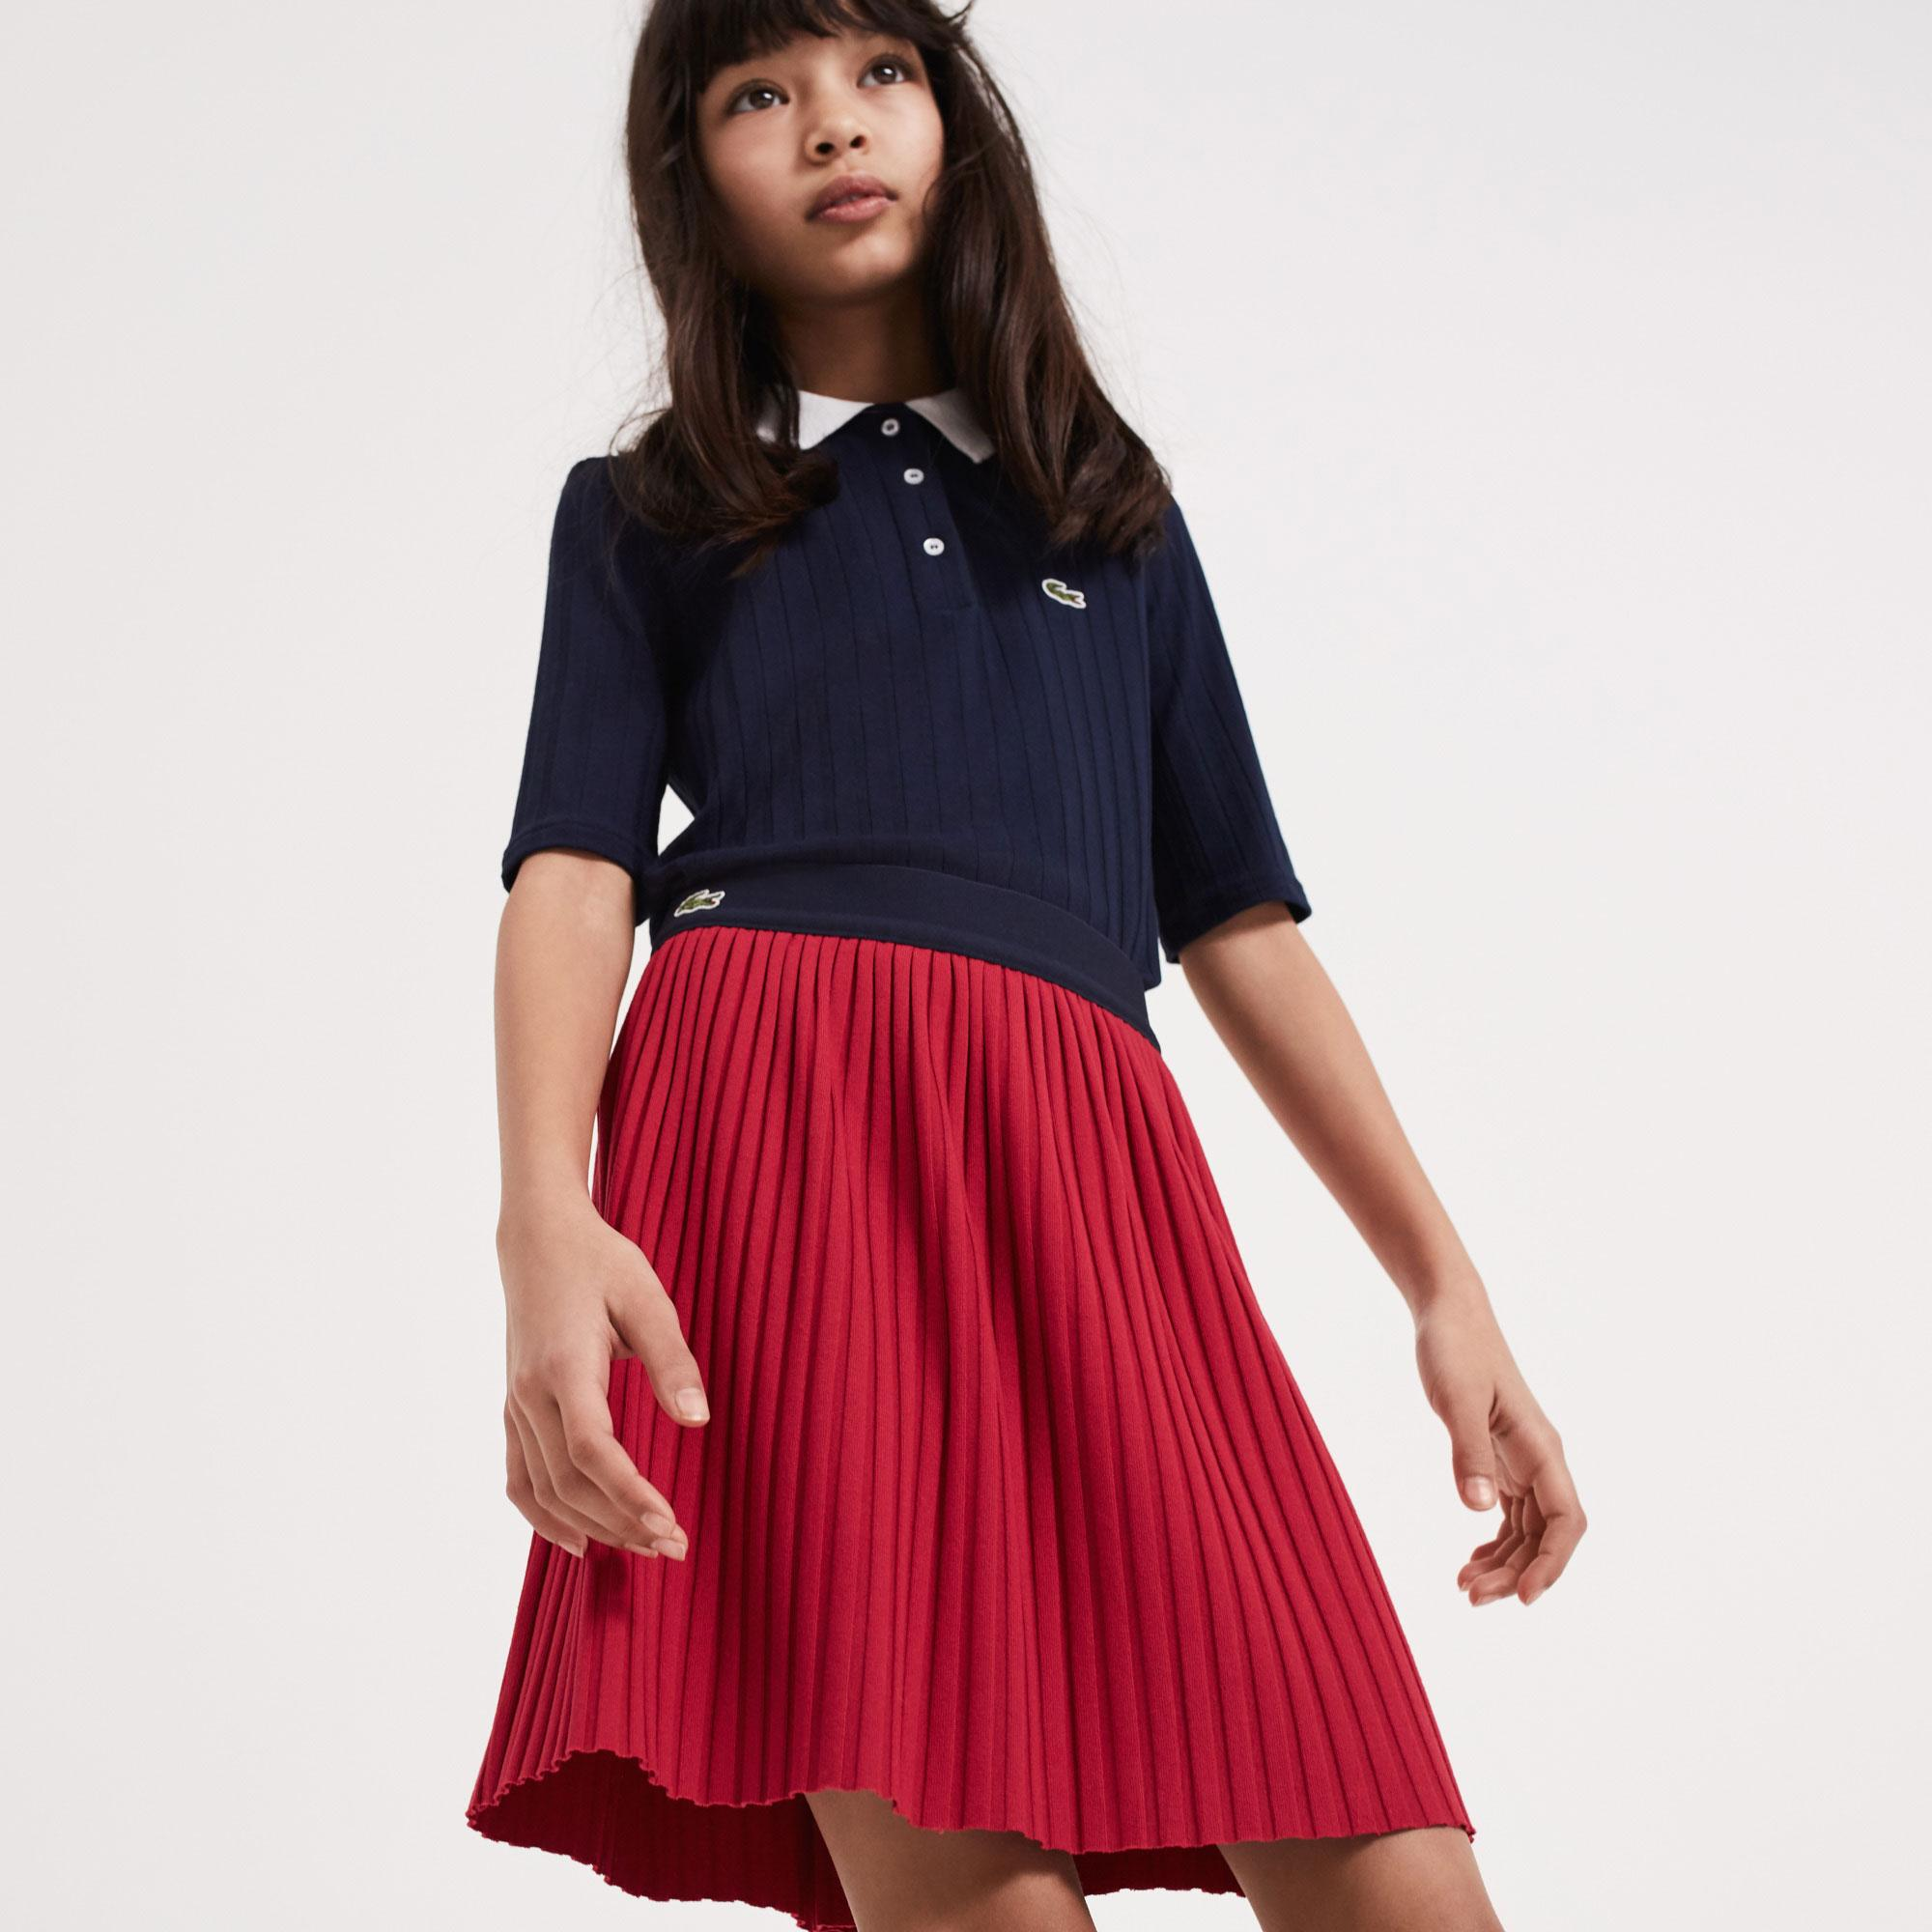 Lacoste Kız Çocuk Kırmızı Piliseli Etek